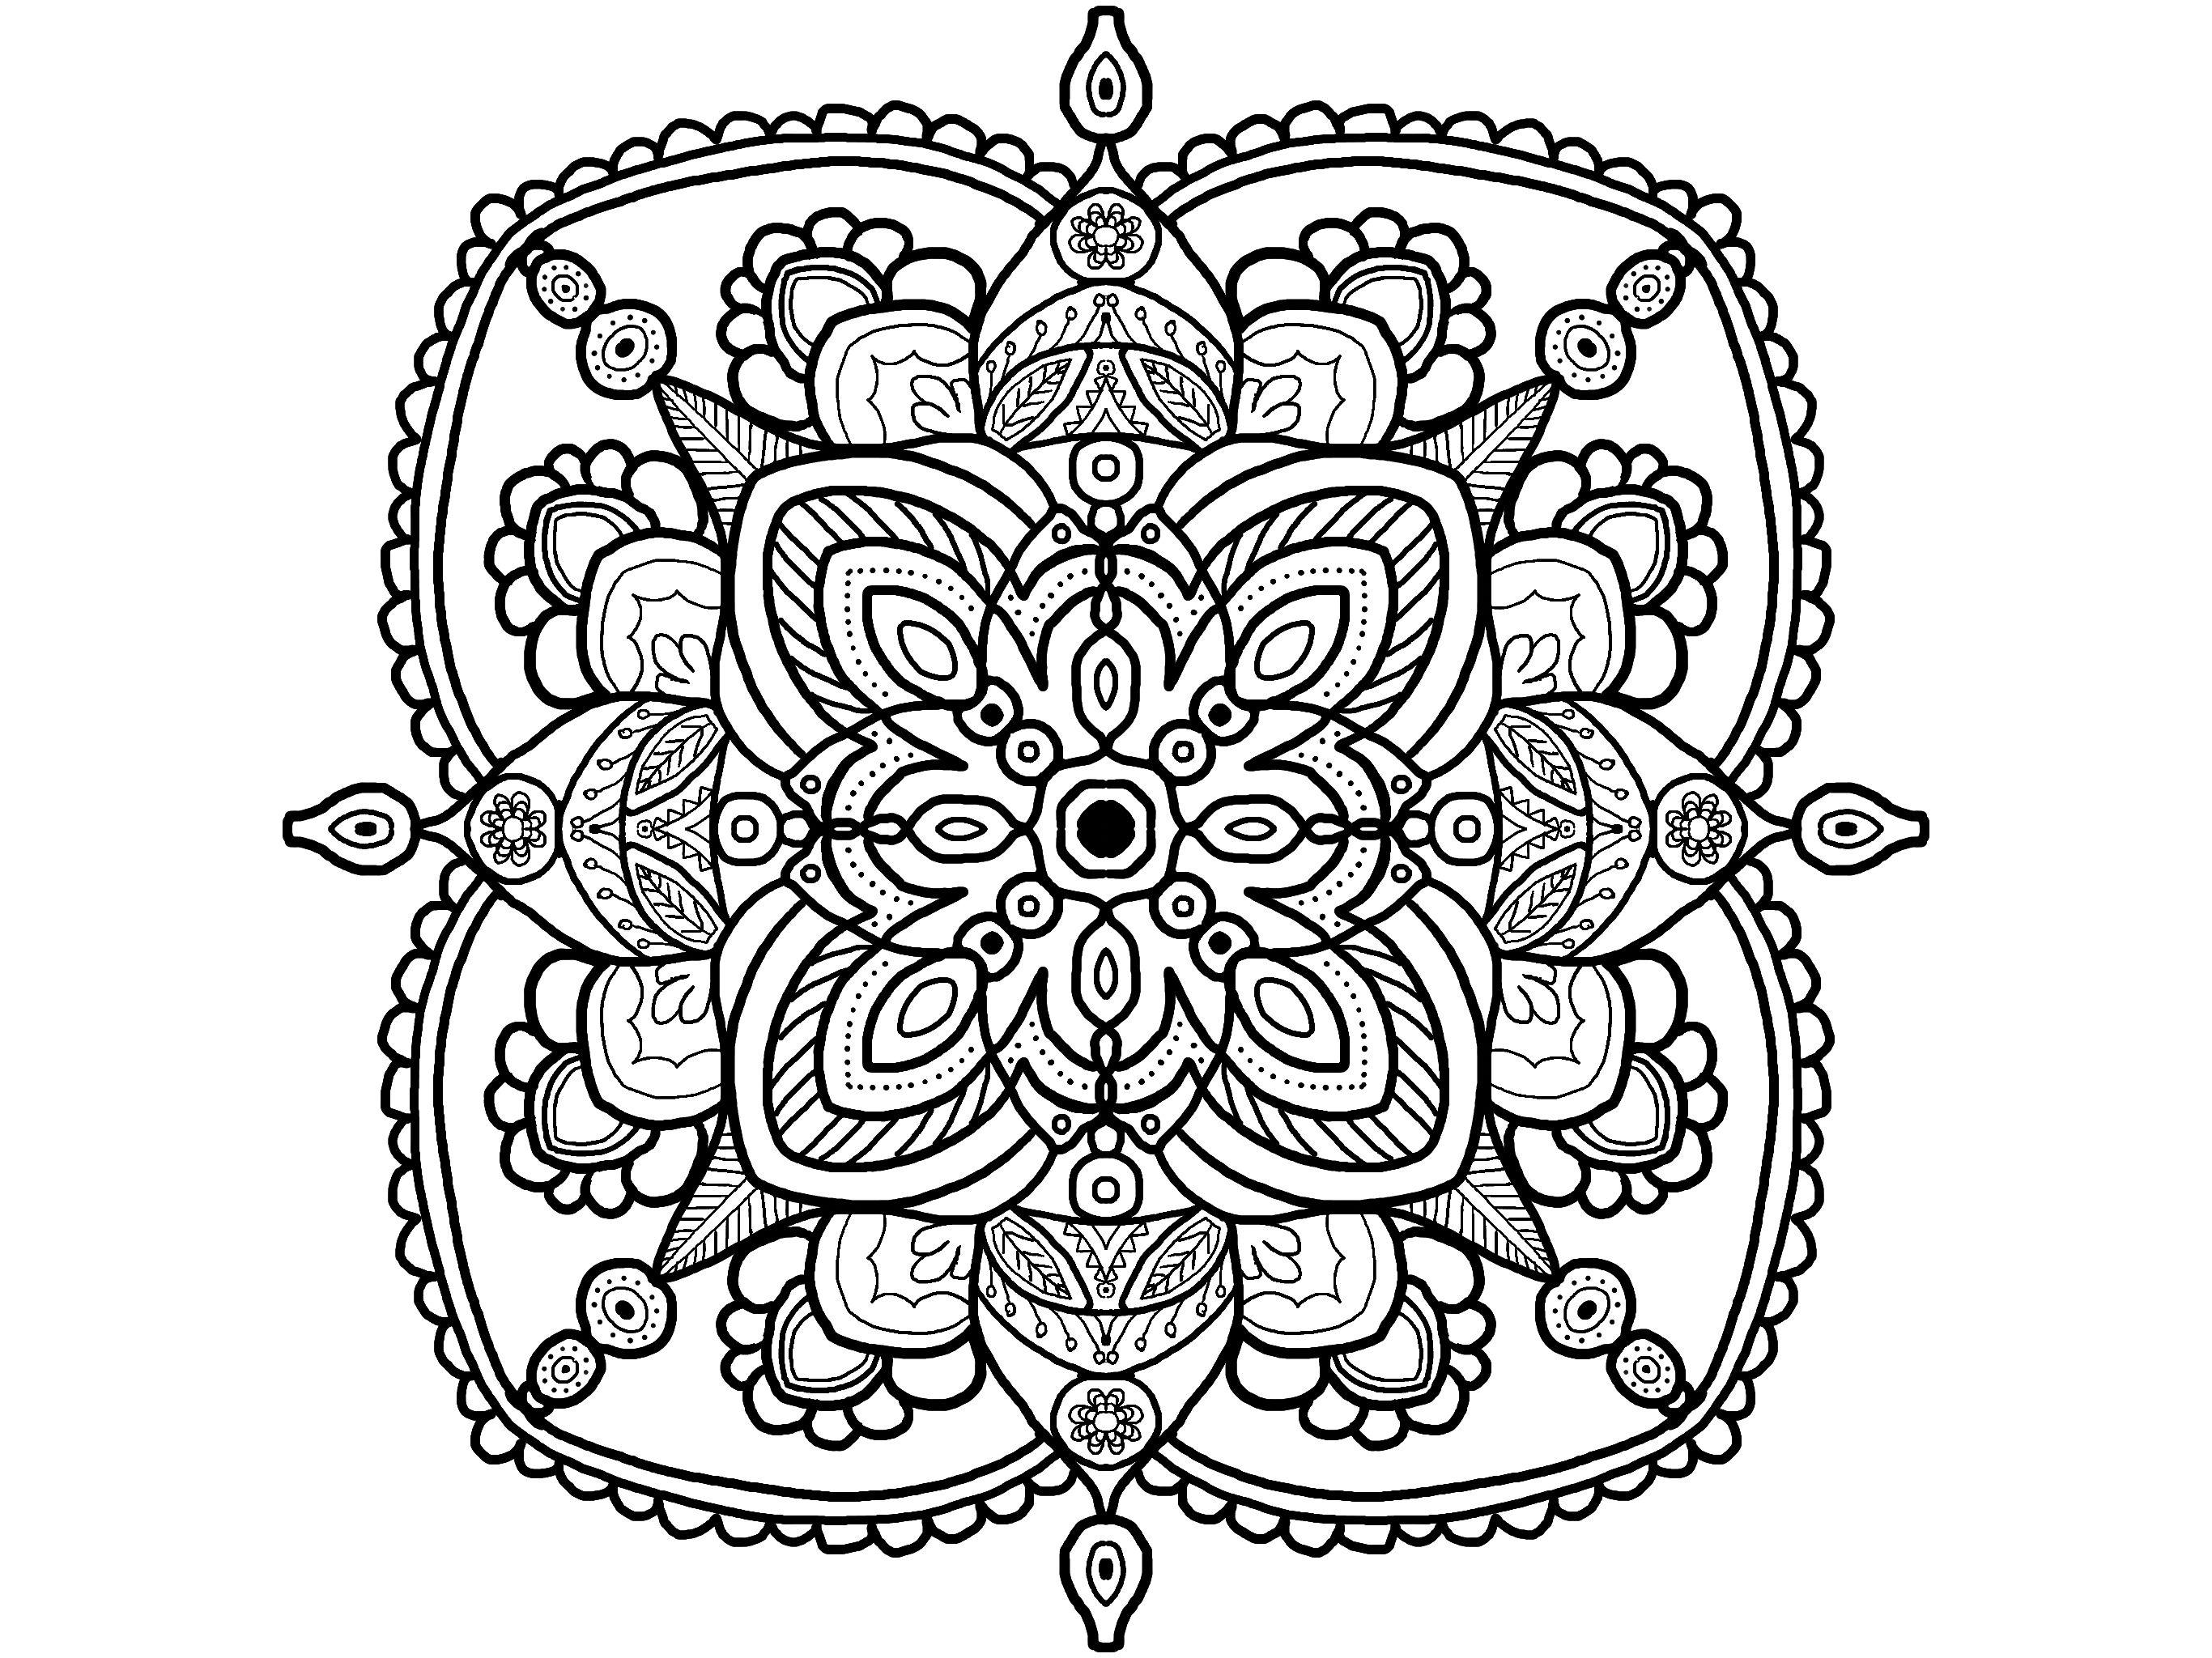 Mandala Coloring Page Adult Coloring Page Easy Mandala Coloring